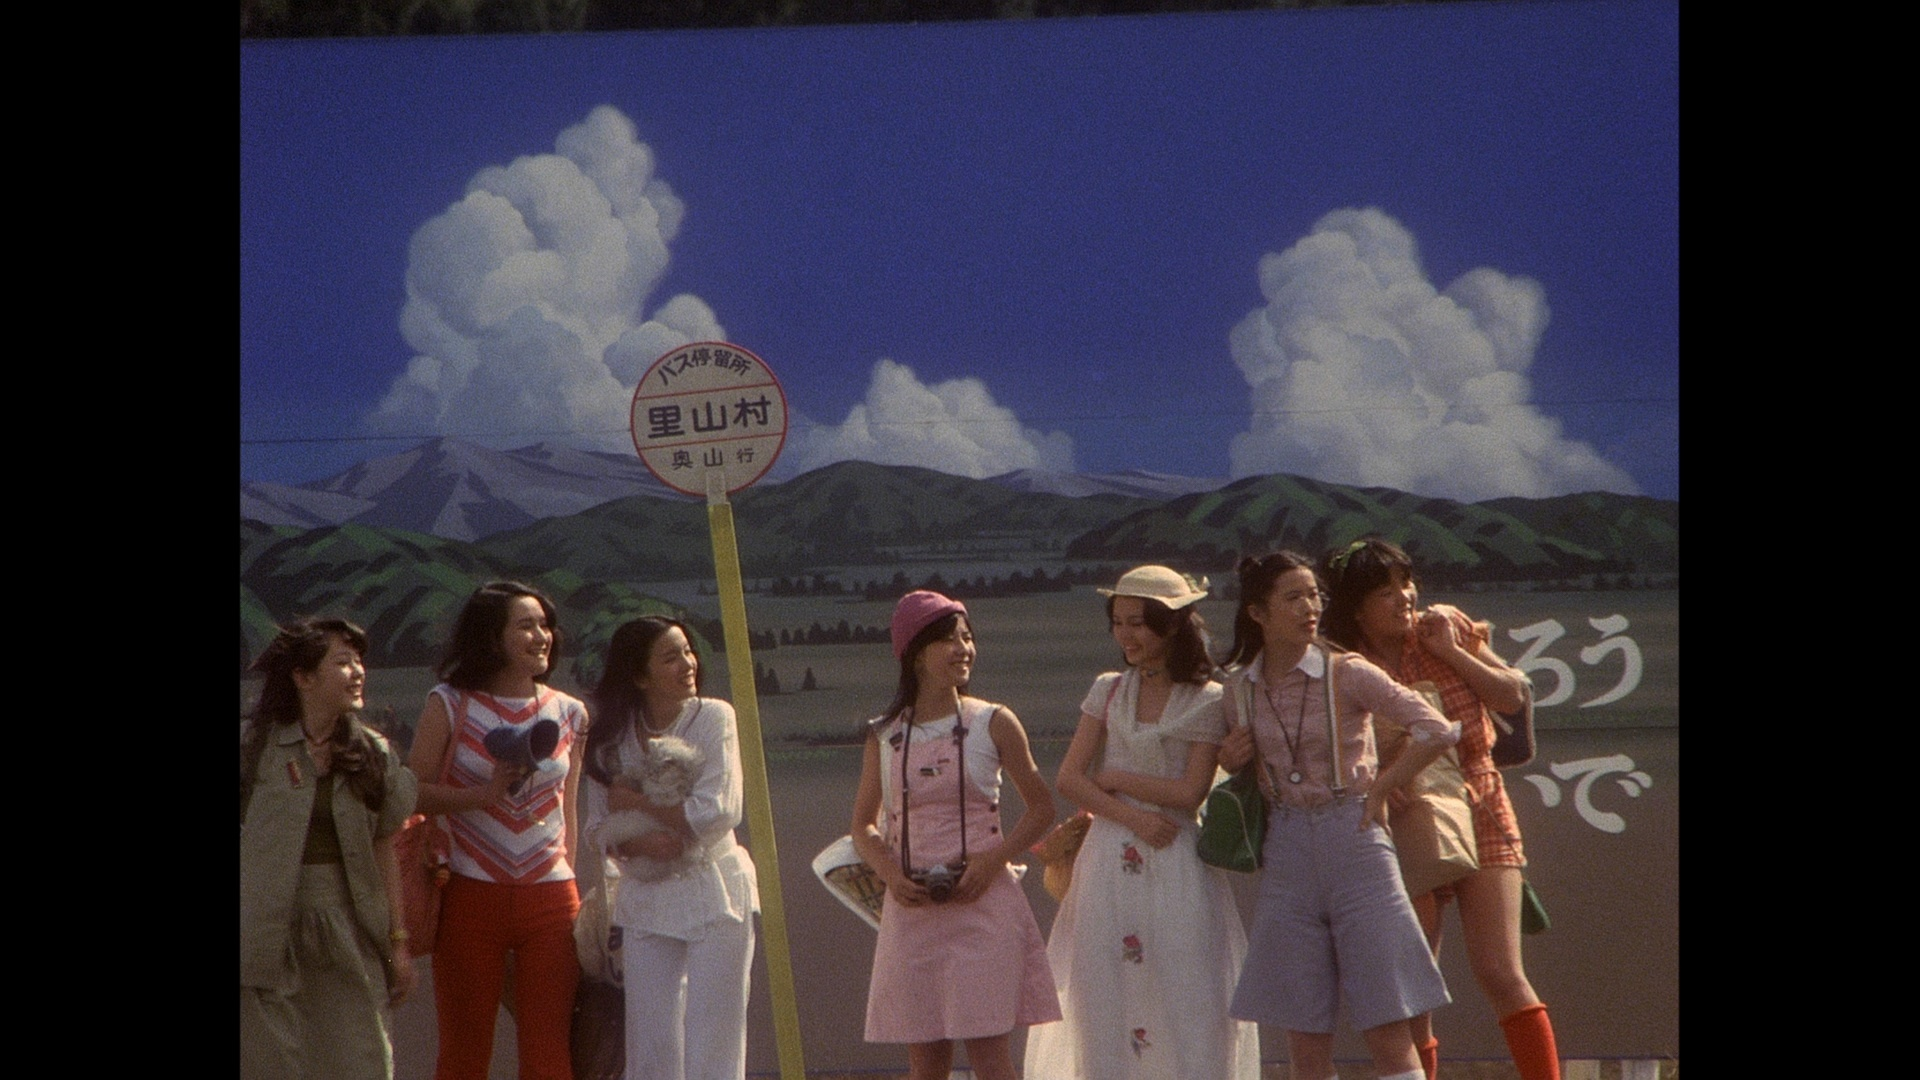 Kimiko Ikegami, Miki Jinbo, Ai Matsubara, Masayo Miyako, Kumiko Ohba, Mieko Satô, and Eriko Tanaka in Hausu (1977)